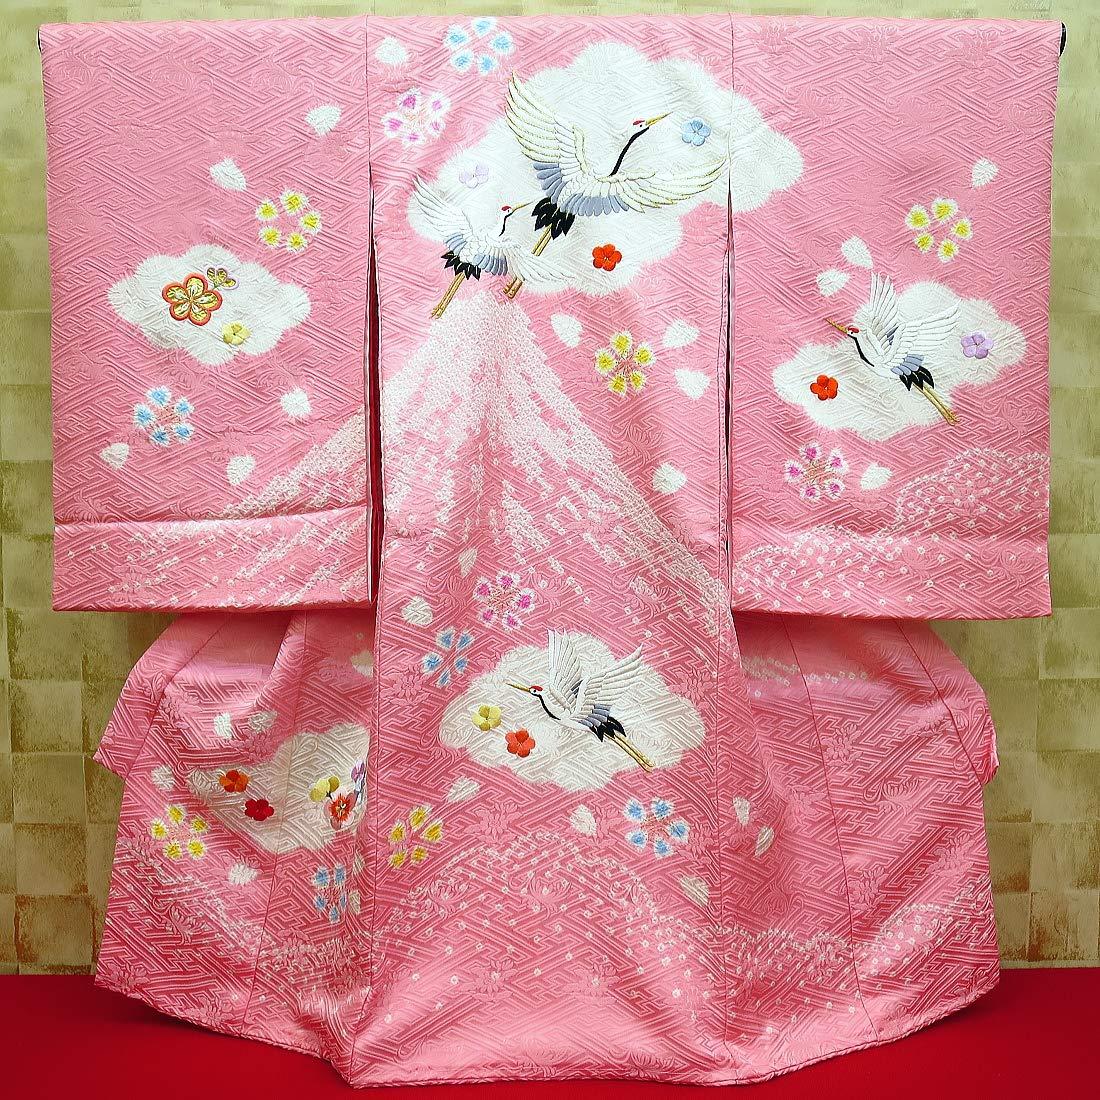 【鶴と富士ピンク】女児 初着 祝着 のしめ 産着 女の子のお宮参り着物 高級フードセットプレゼント付   B00BB6CX1G